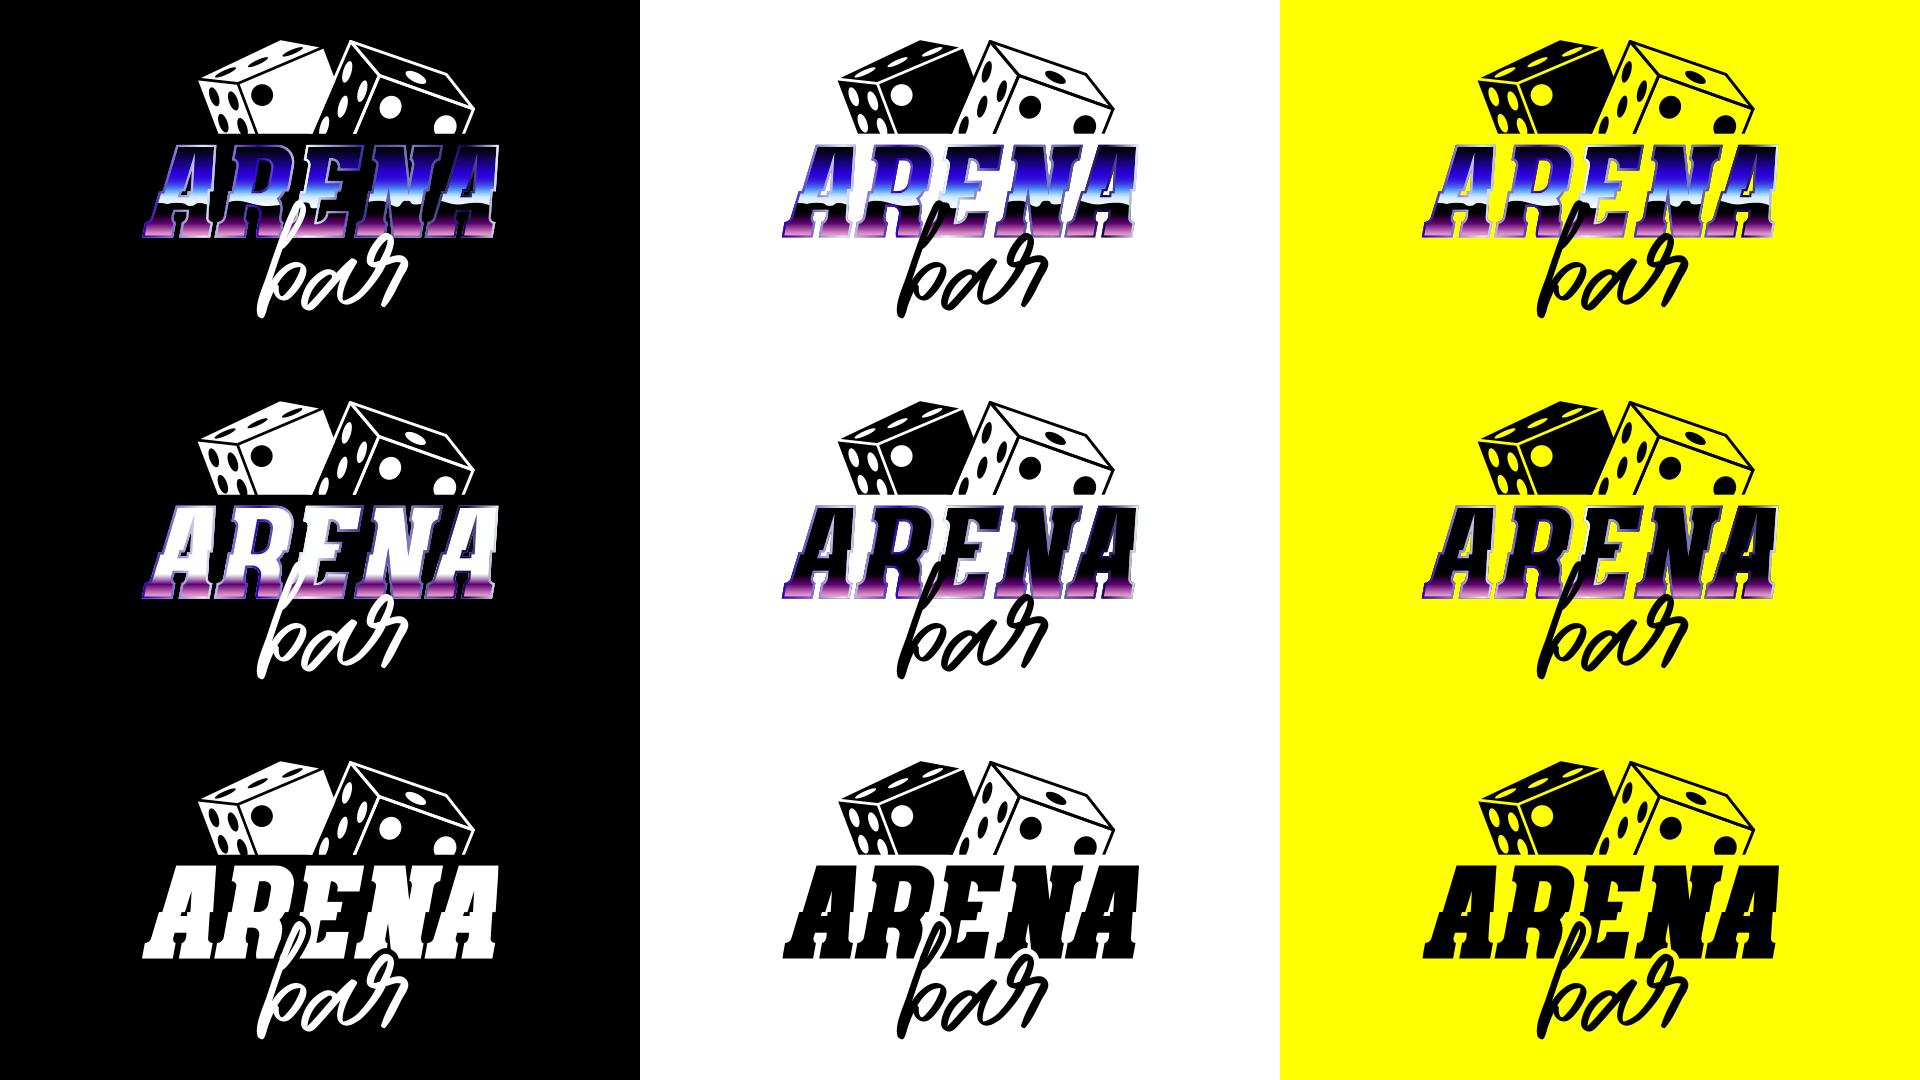 Разработка логотипа для бара! фото f_1145dceac6de95af.png